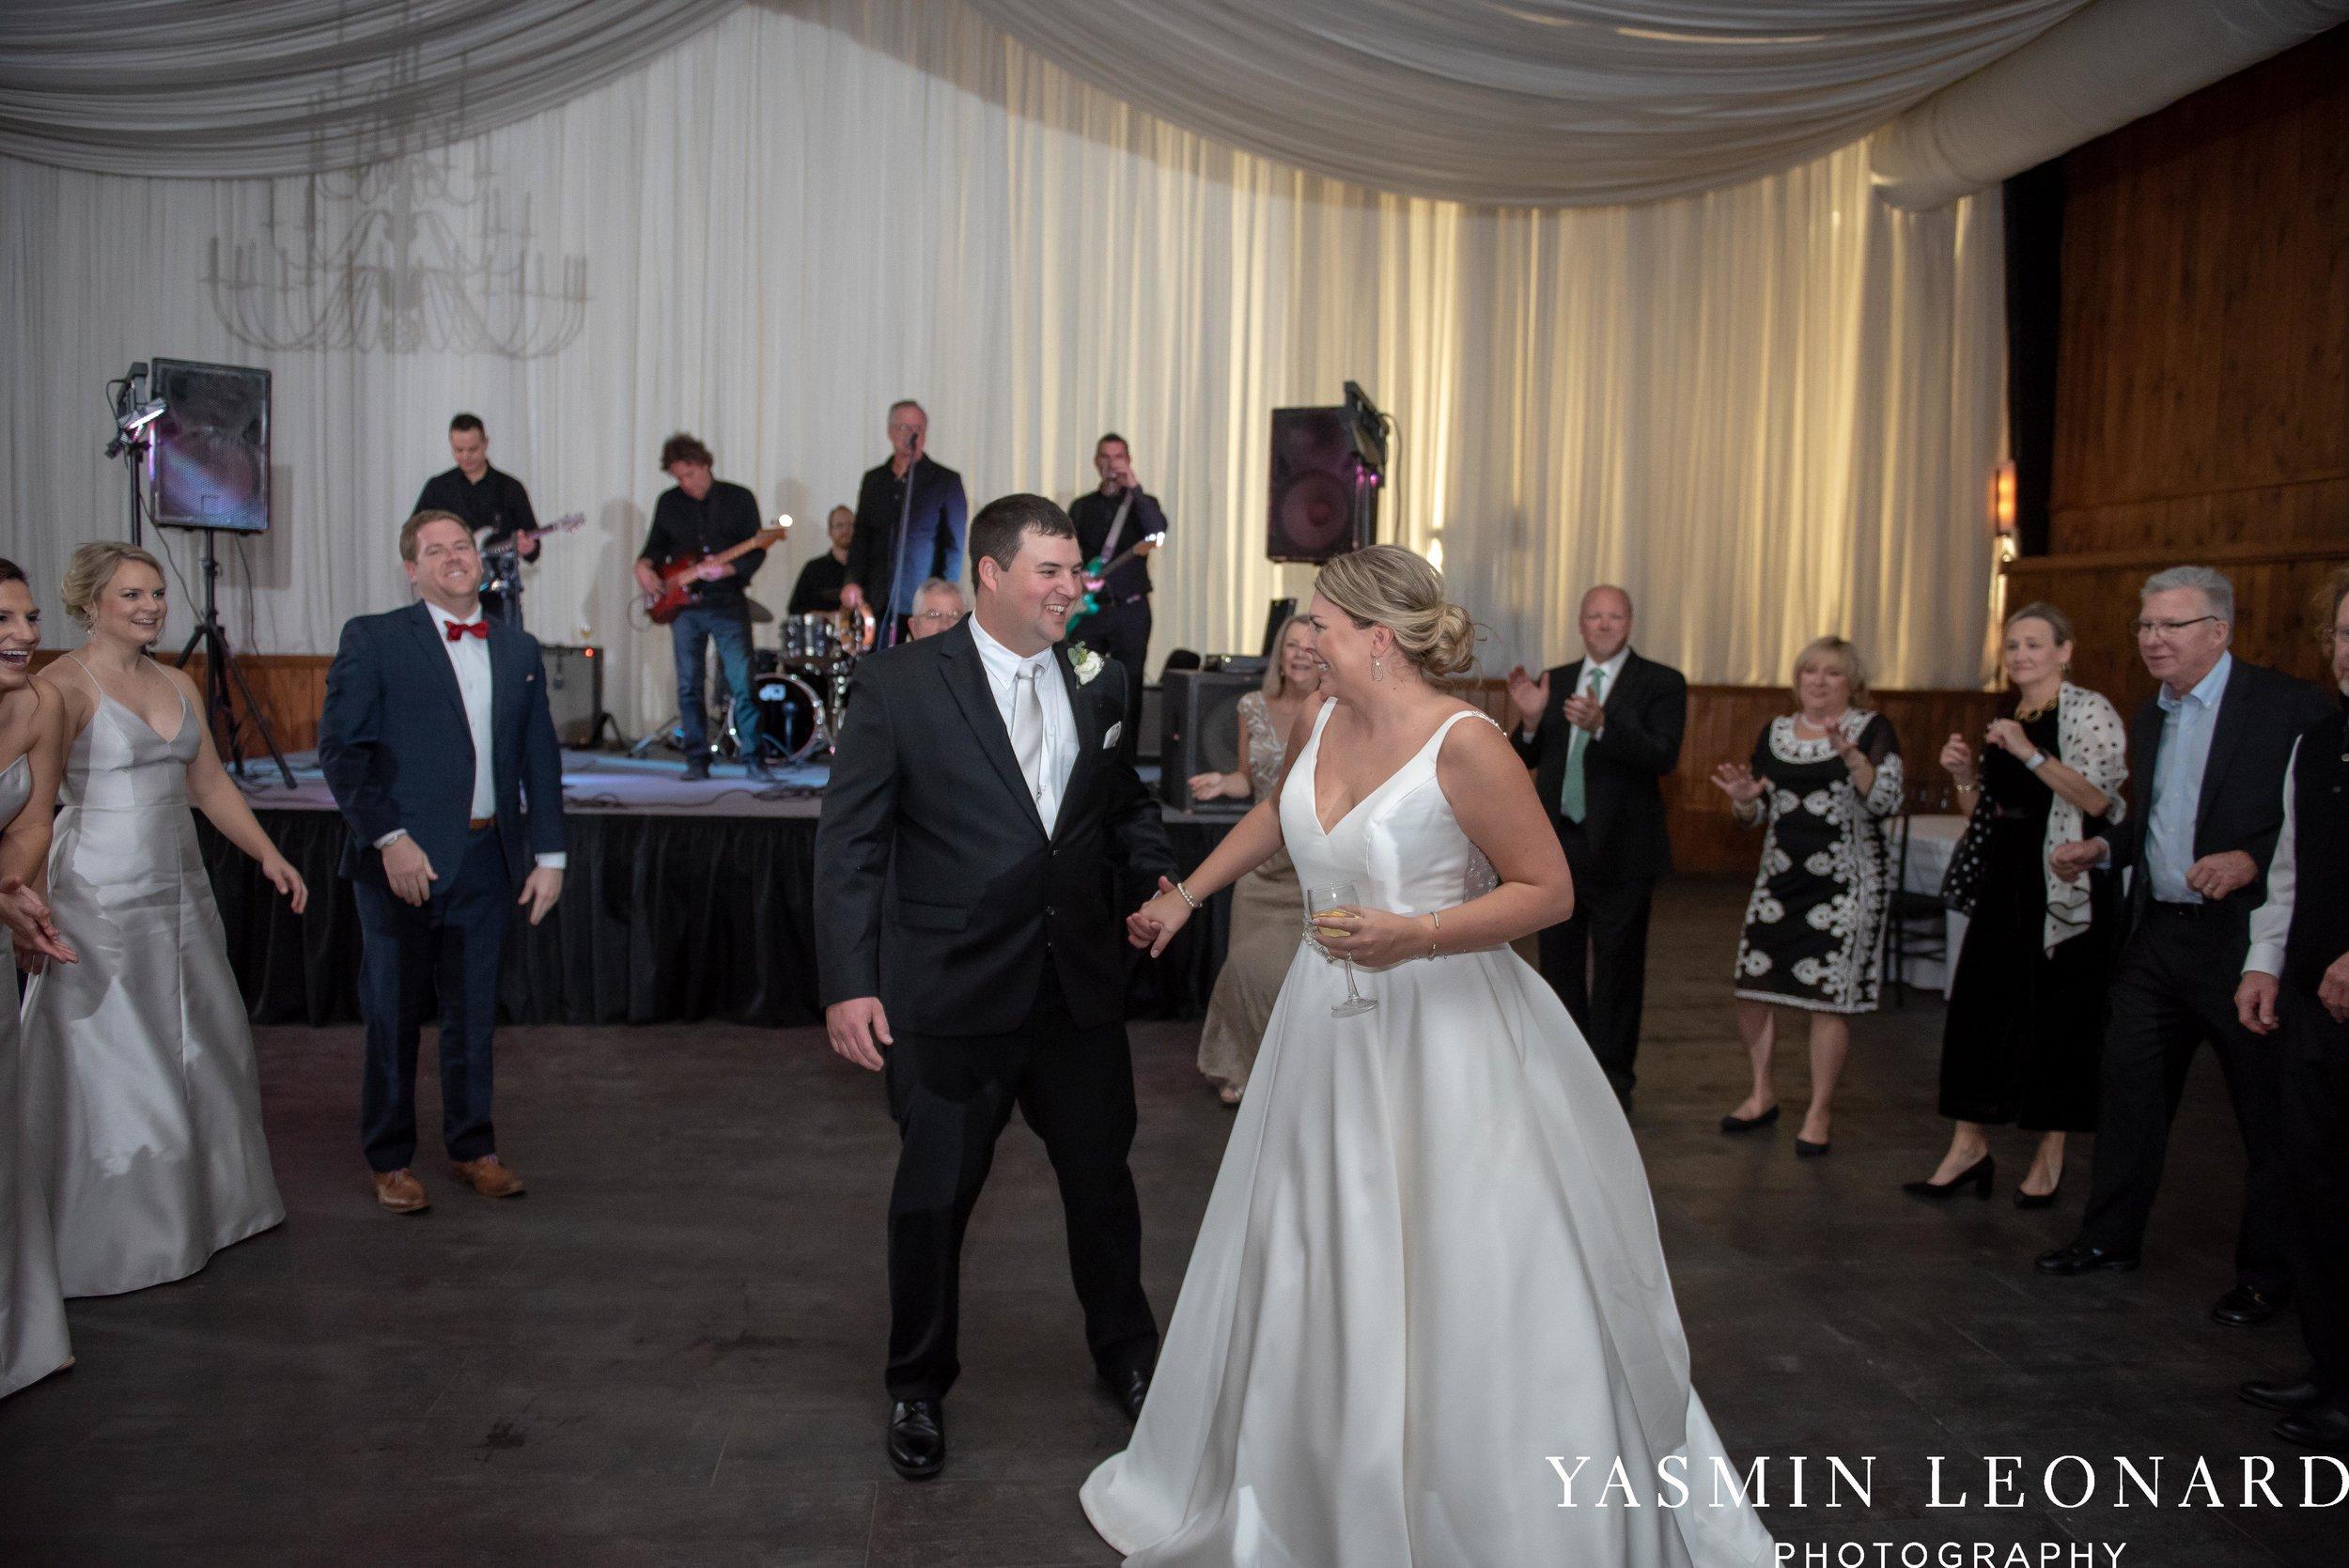 Adaumont Farm - Wesley Memorial Weddings - High Point Weddings - Just Priceless - NC Wedding Photographer - Yasmin Leonard Photography - High Point Wedding Vendors-73.jpg